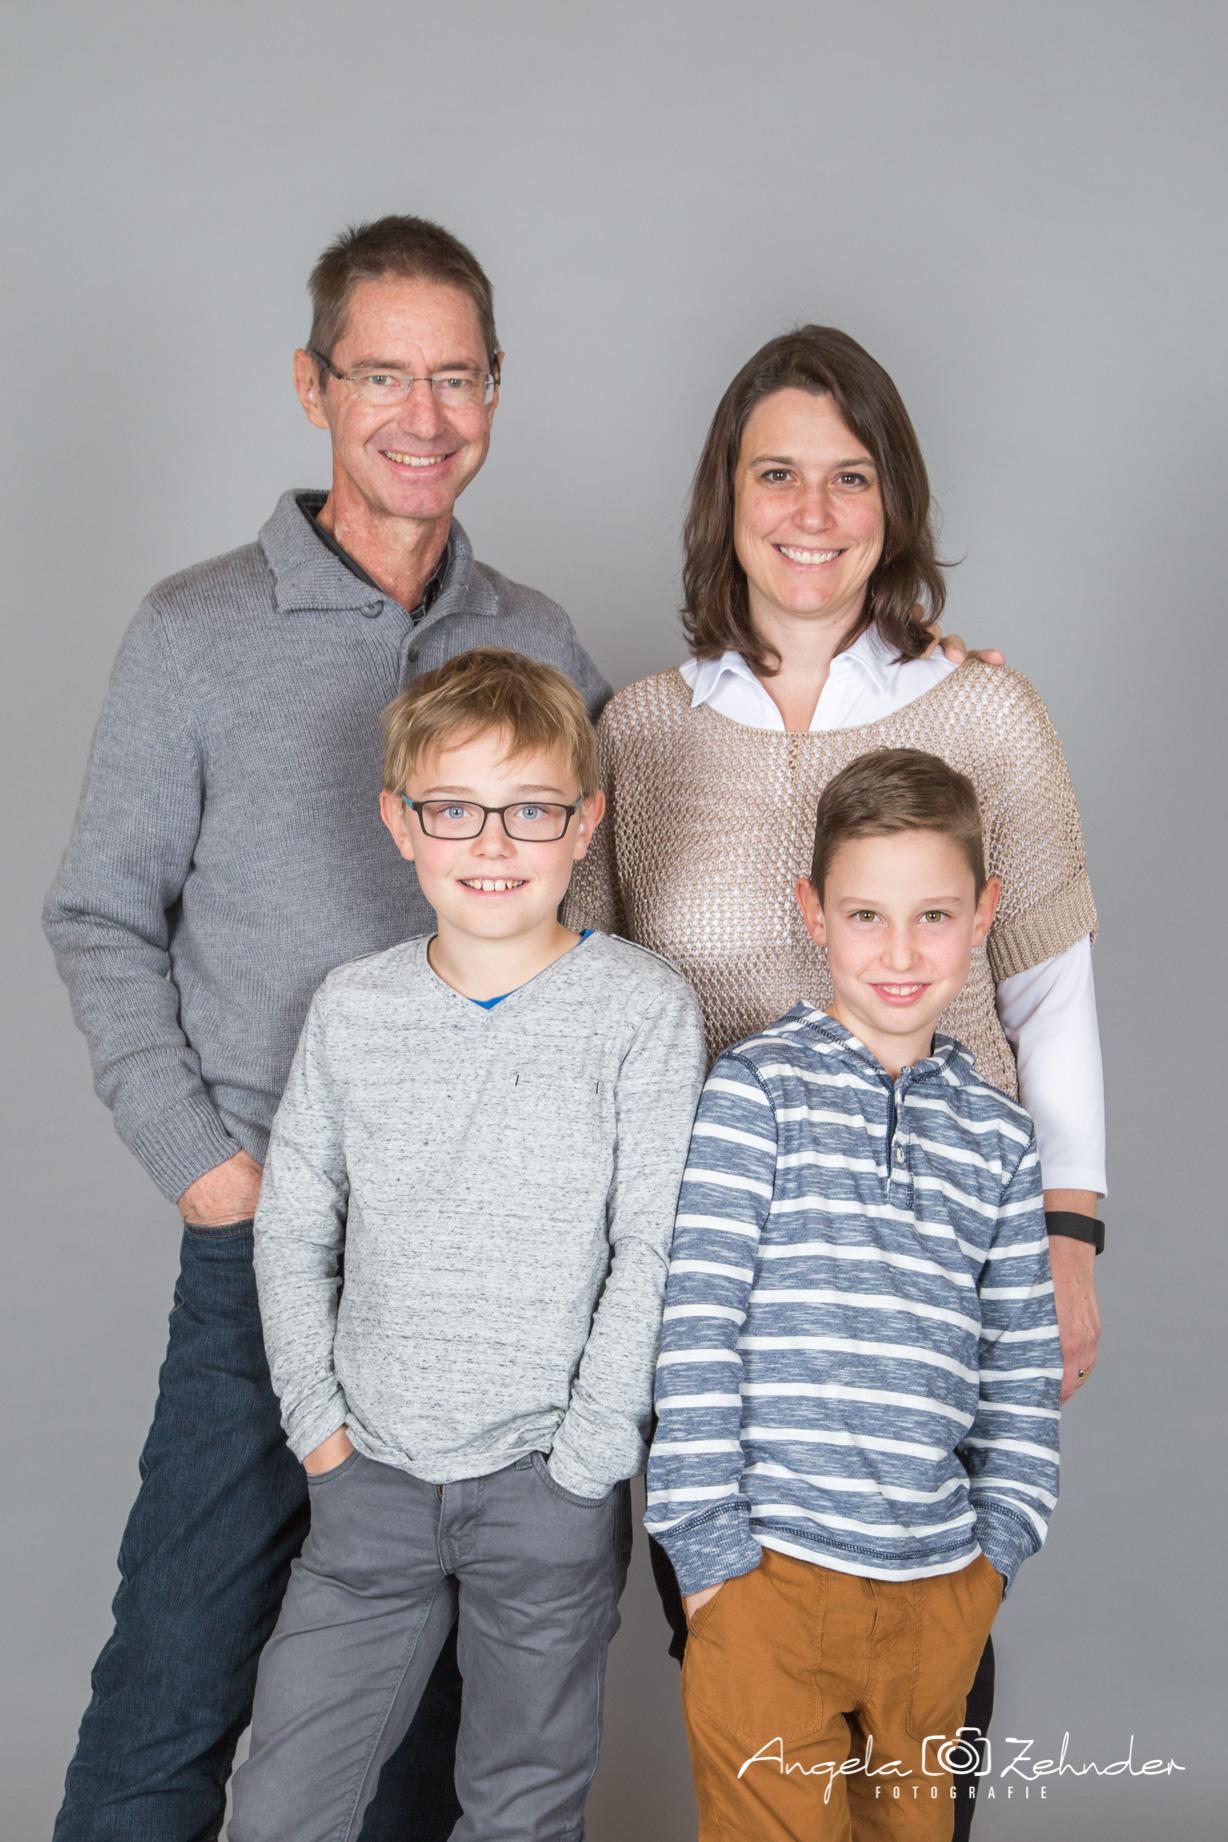 zehnder-fotografie-family-21